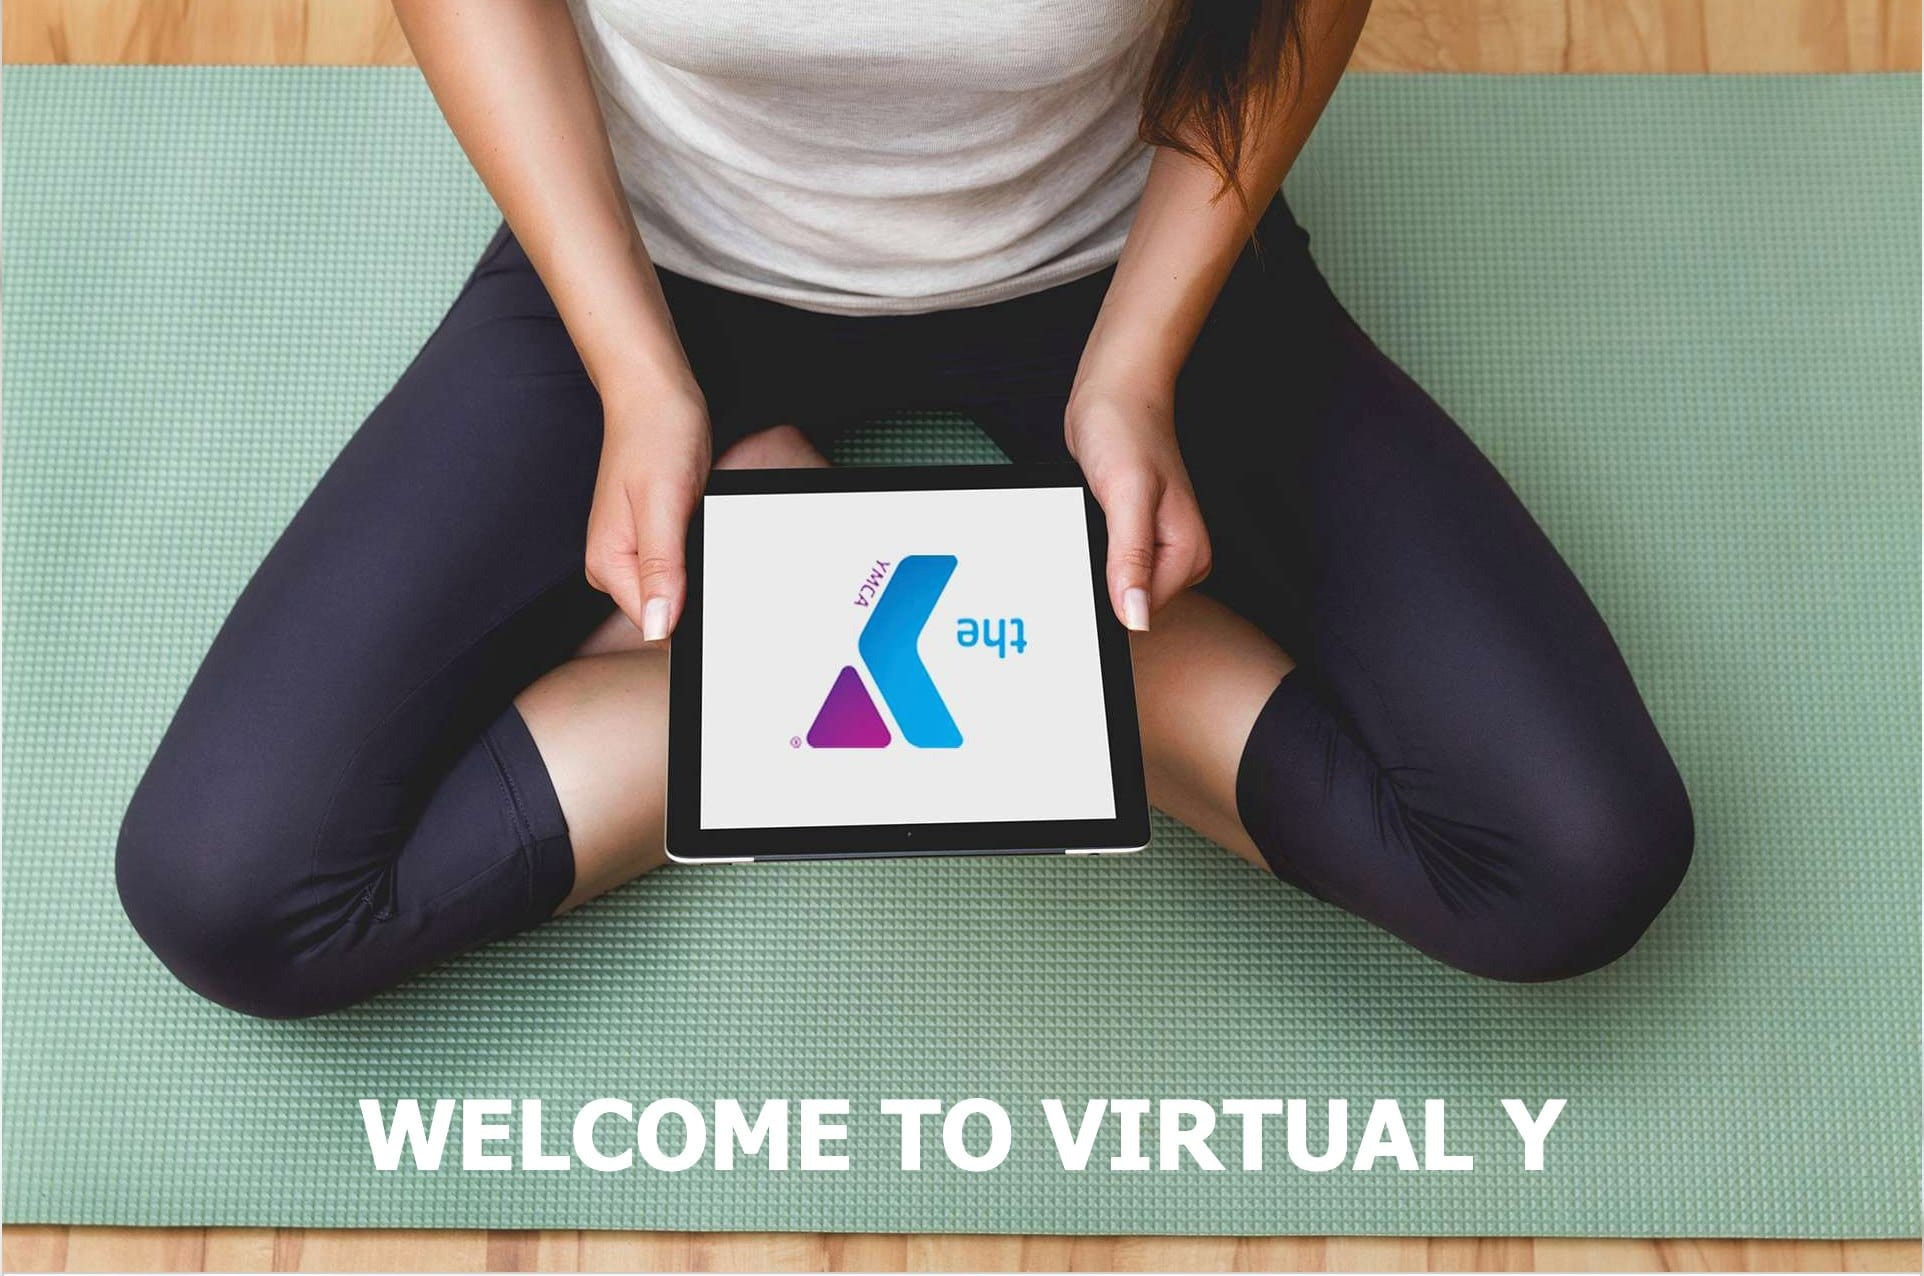 Virtual arkansas login